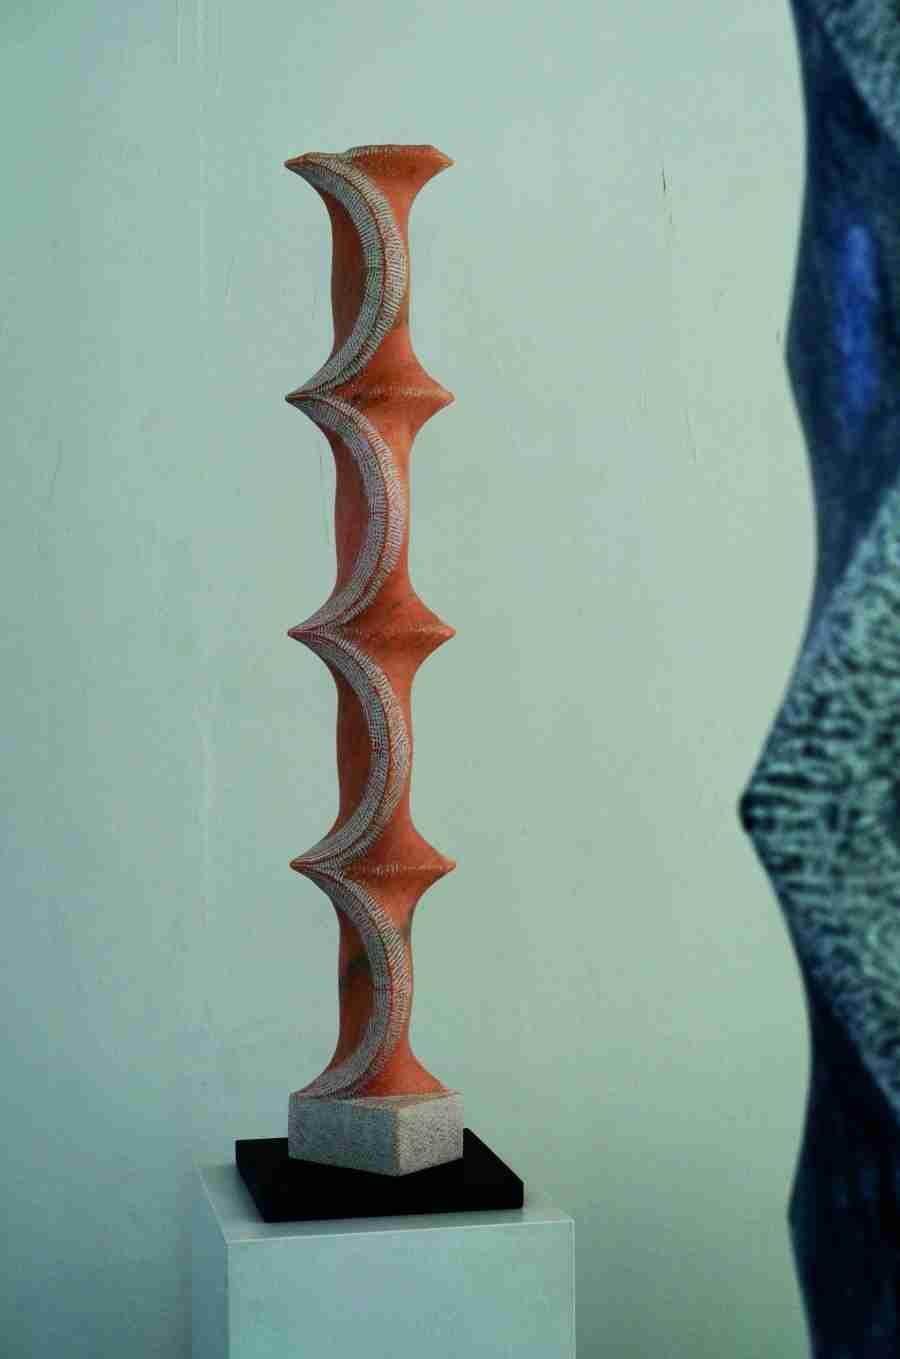 """Marmorskulptur """"Orient"""",Stele aus portugiesischem Marmor, (rosa Portogallo). Aus der Serie """"Marmorstelen"""", Bildhauer Jens Hogh-Binder, 2011- 2016"""